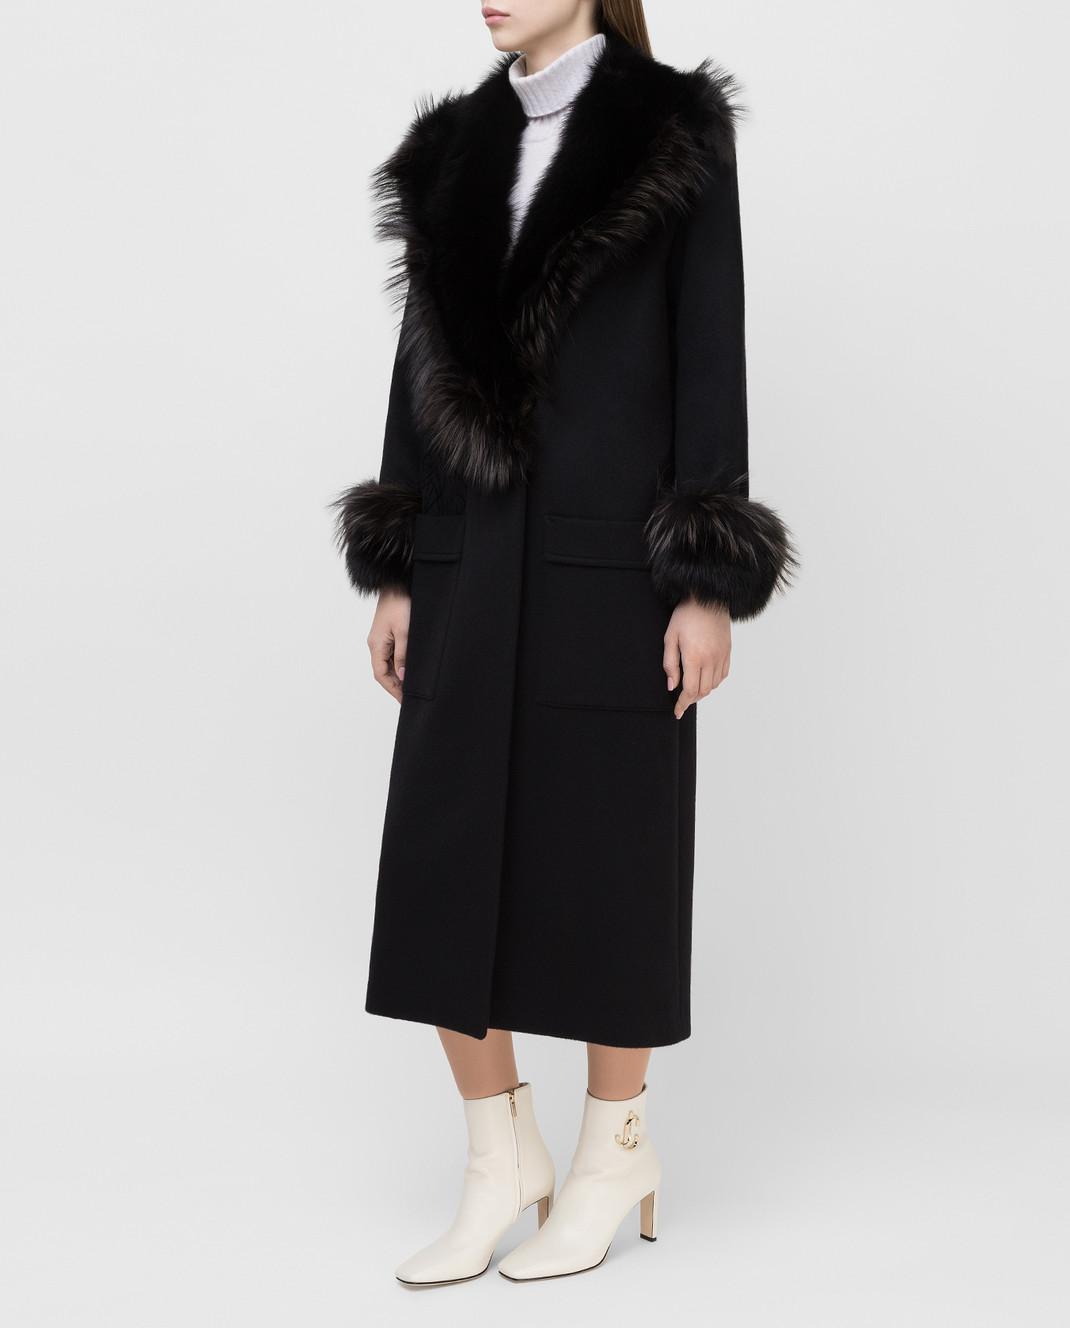 Rindi Черное пальто из кашемира с мехом лисы 277TE017 изображение 3